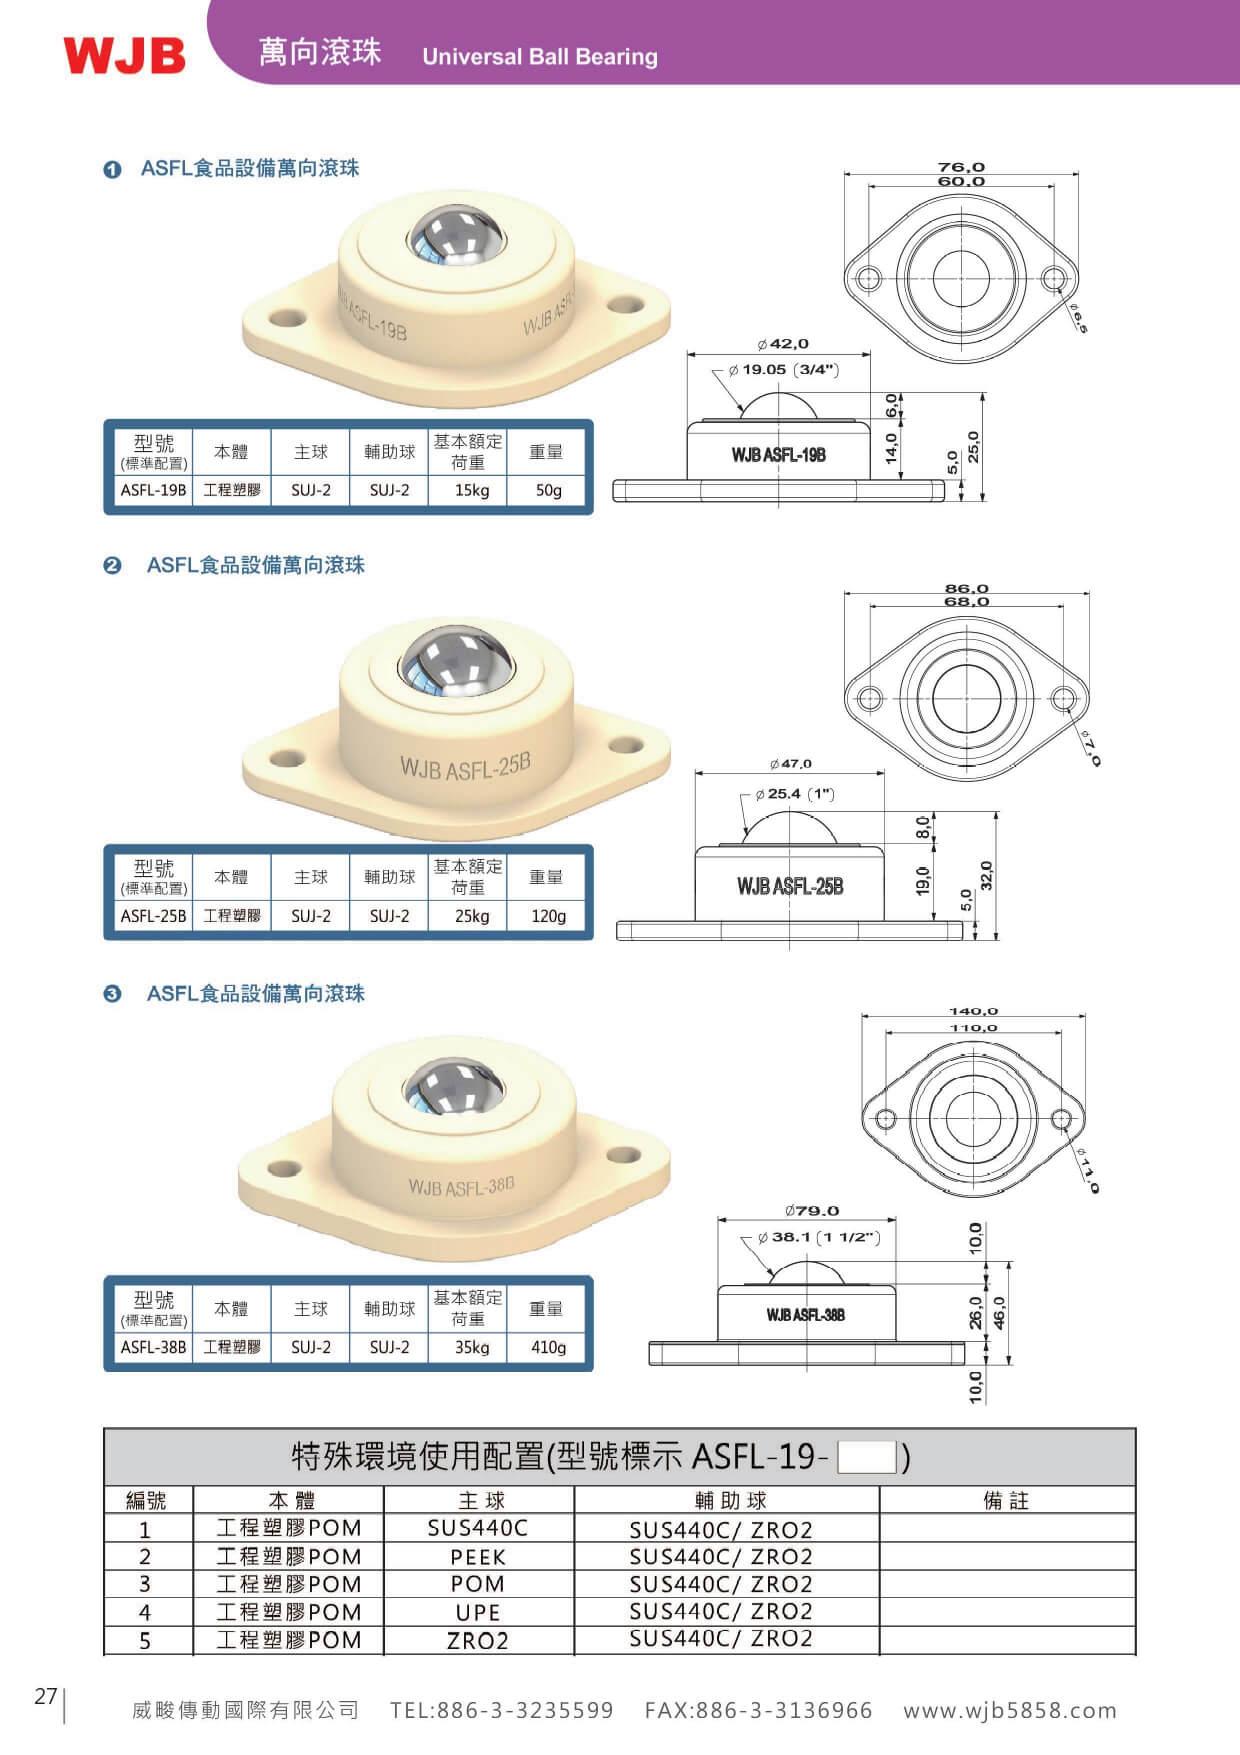 proimages/pro/universal_ball_bearing/ASFL/ASFL-02.jpg